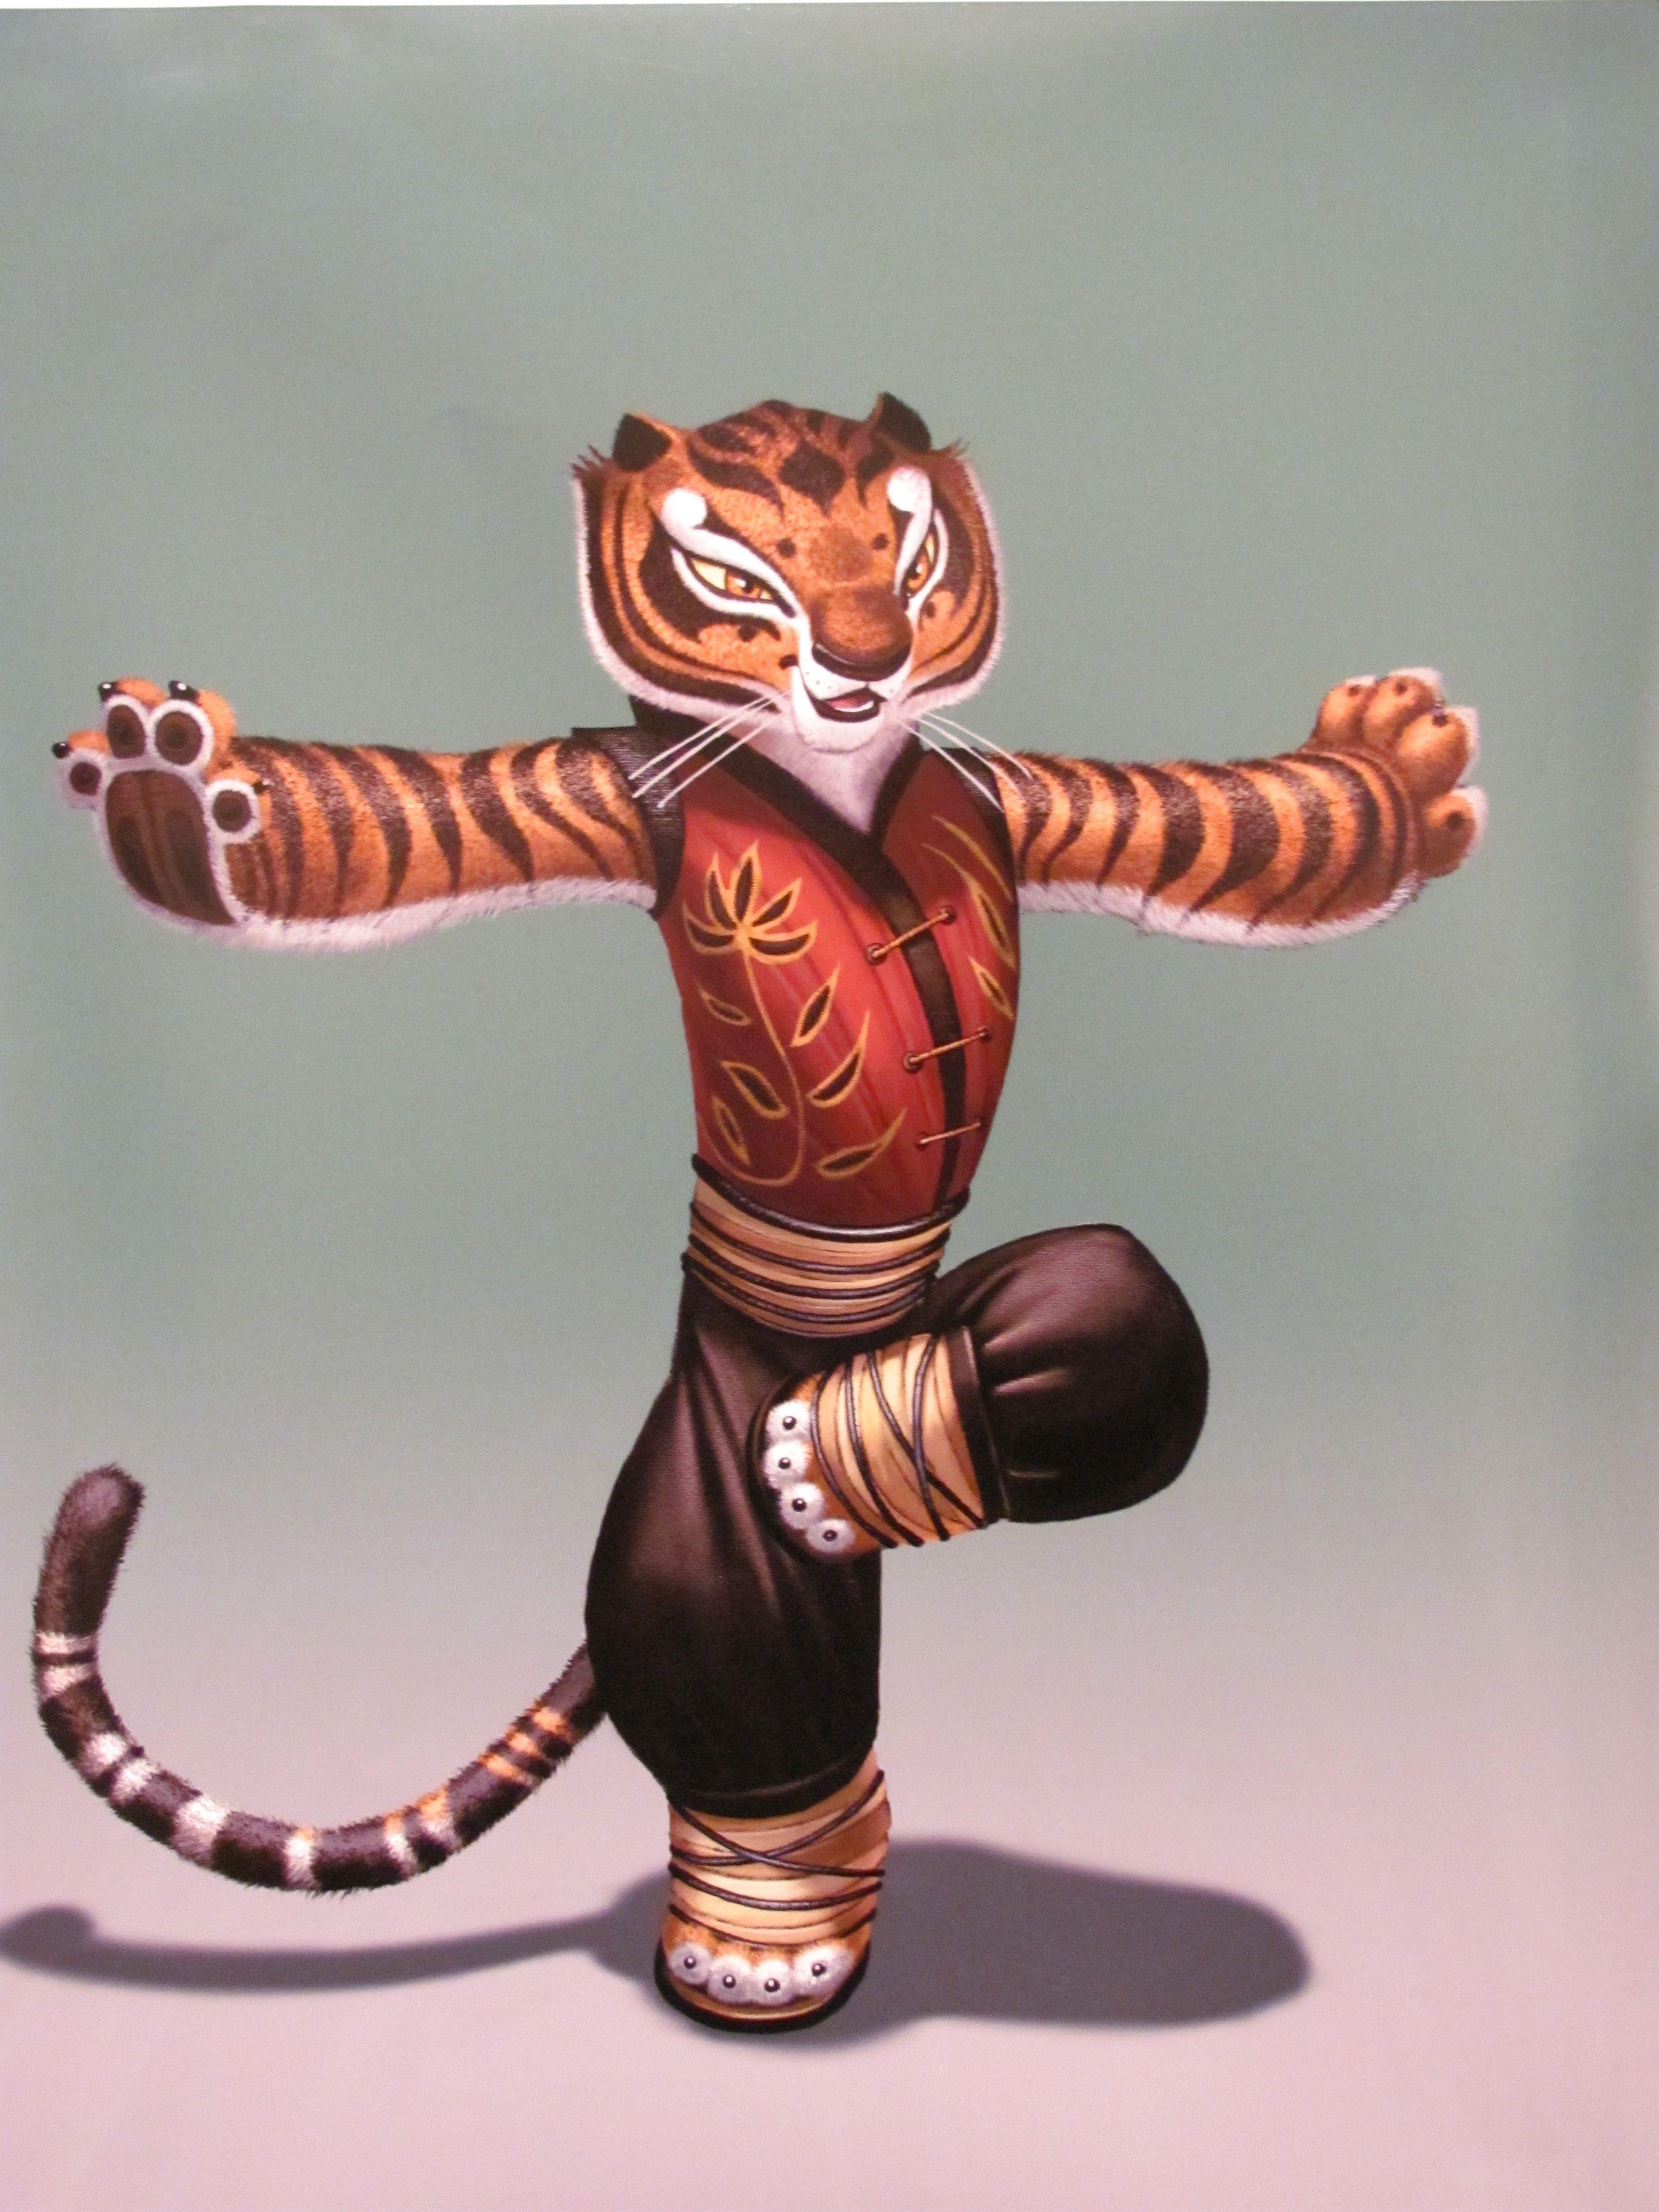 A strong tiger kung fu panda i love tigers like kung fu tiger